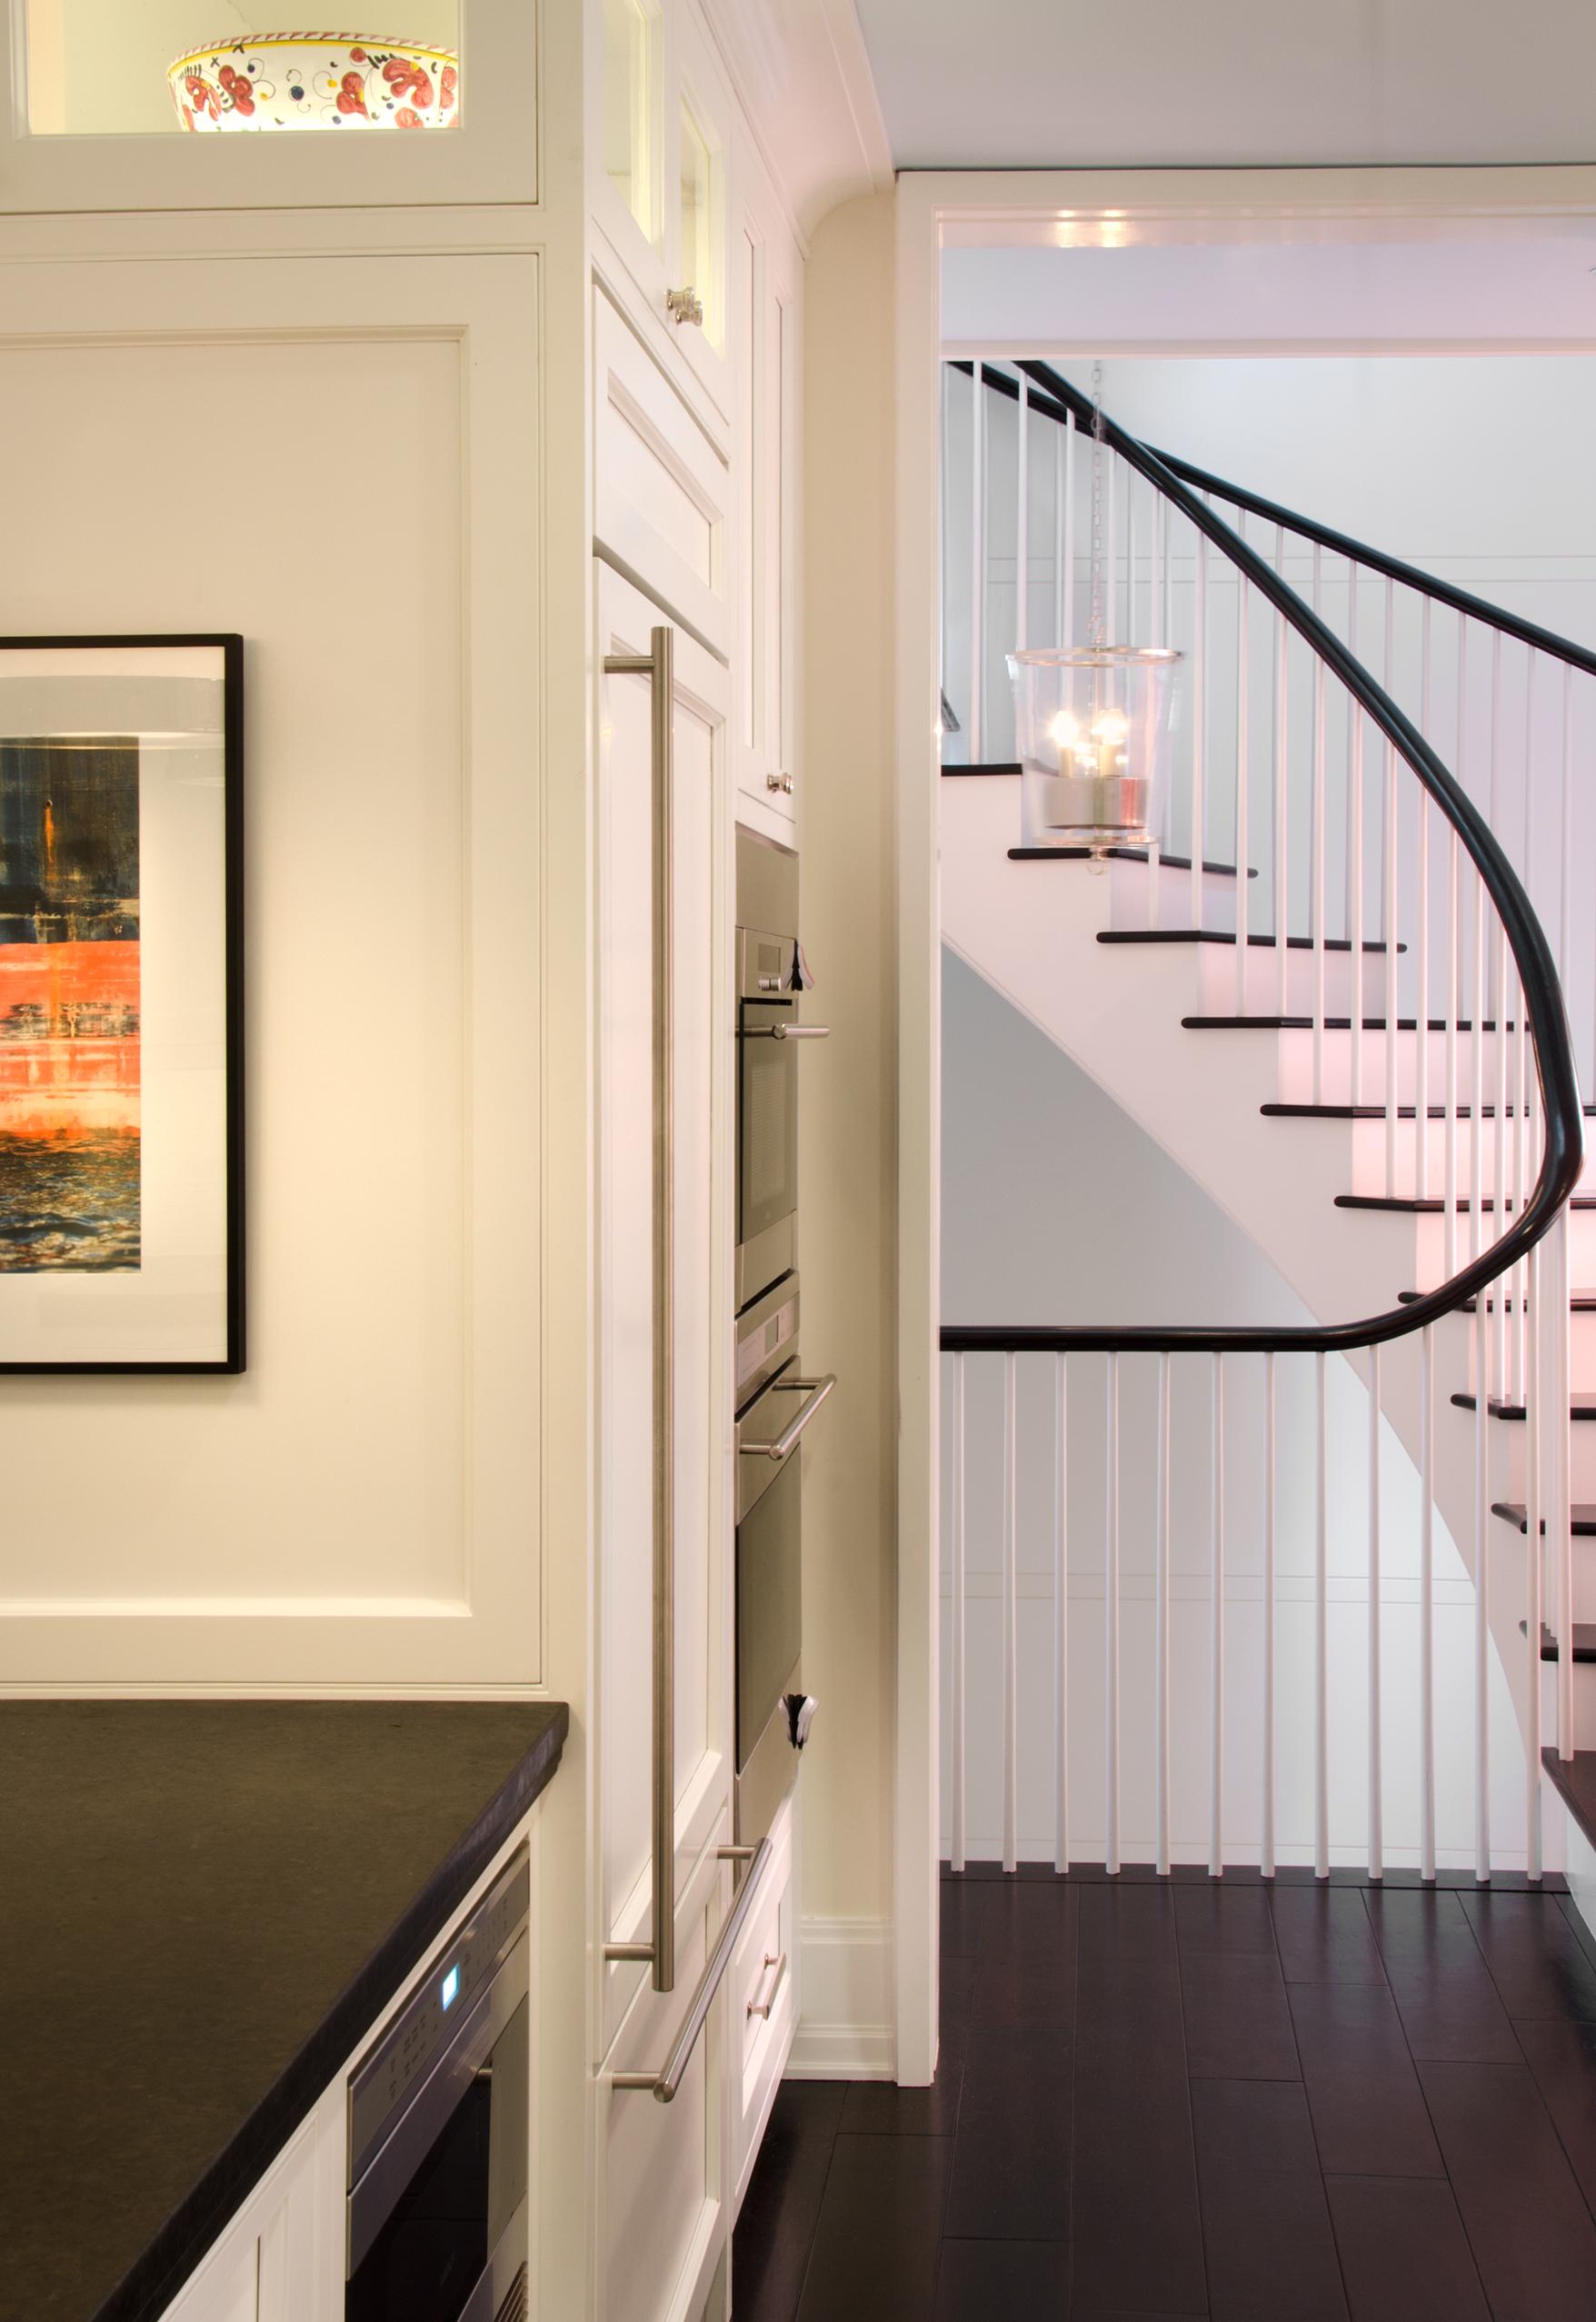 11 Bowe-Stewart-Res-Kitchen to Stair.jpg